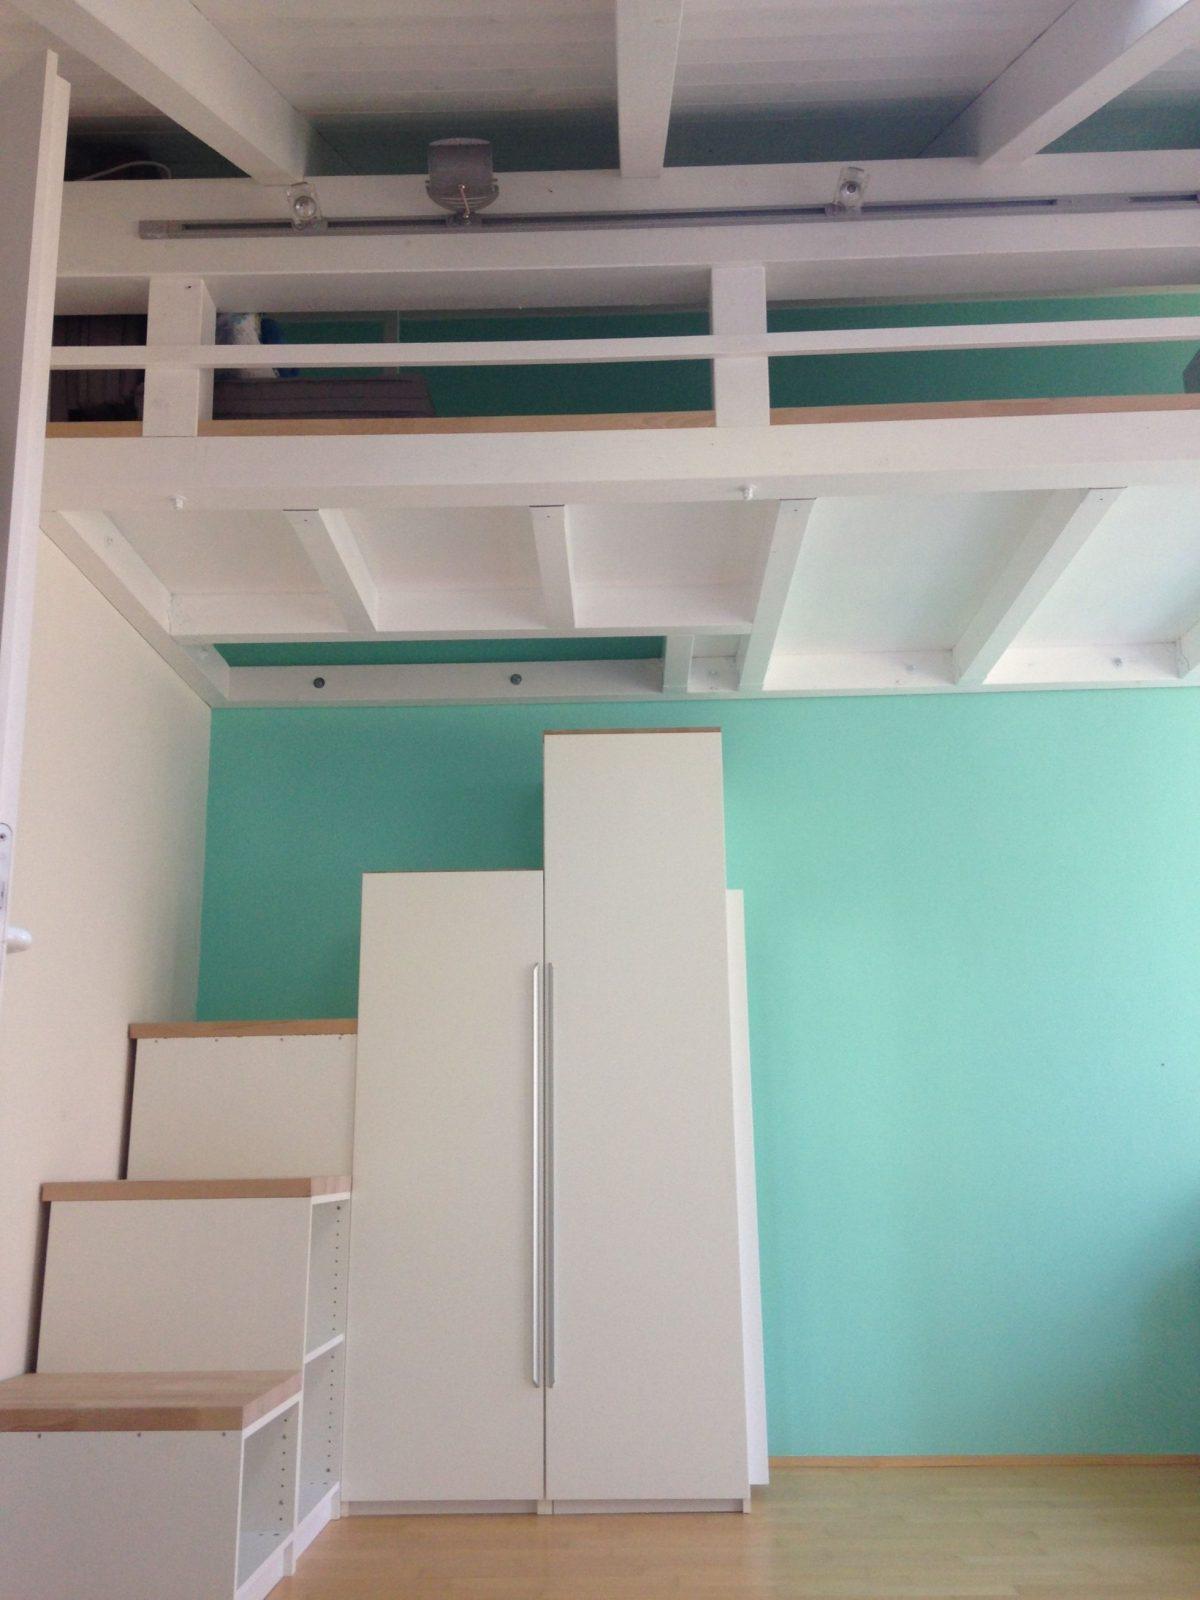 Emporehochbett Im Kinderzimmer Treppen Aus Alten Paxschränken Mit von Treppe Für Hochbett Kaufen Bild